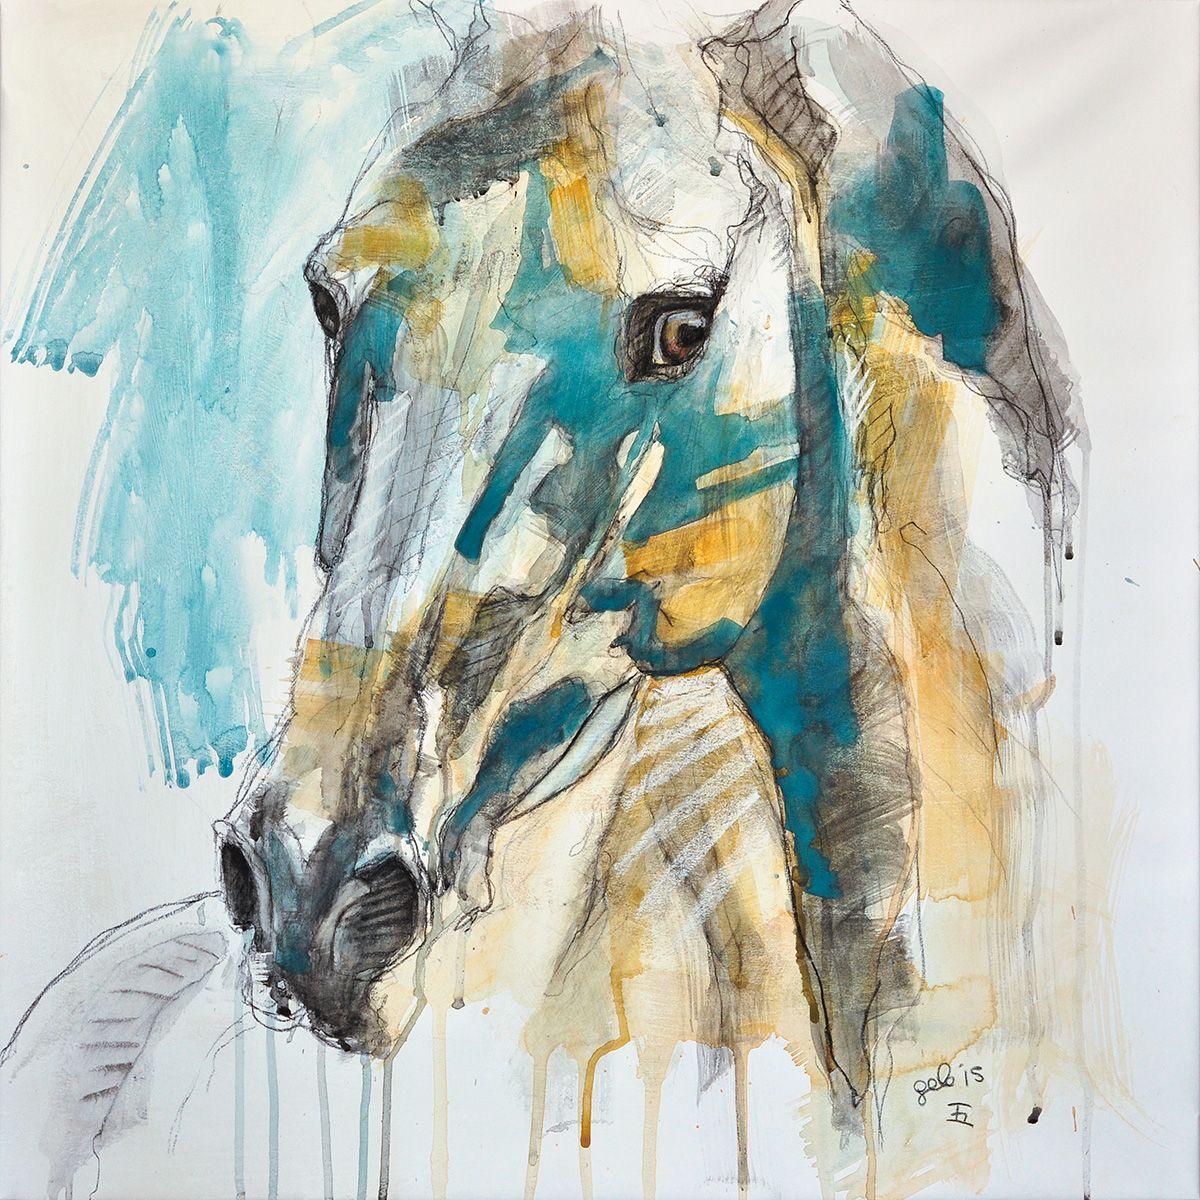 Horse Mixed Media Painting Peinture Technique Mixte D Un Cheval